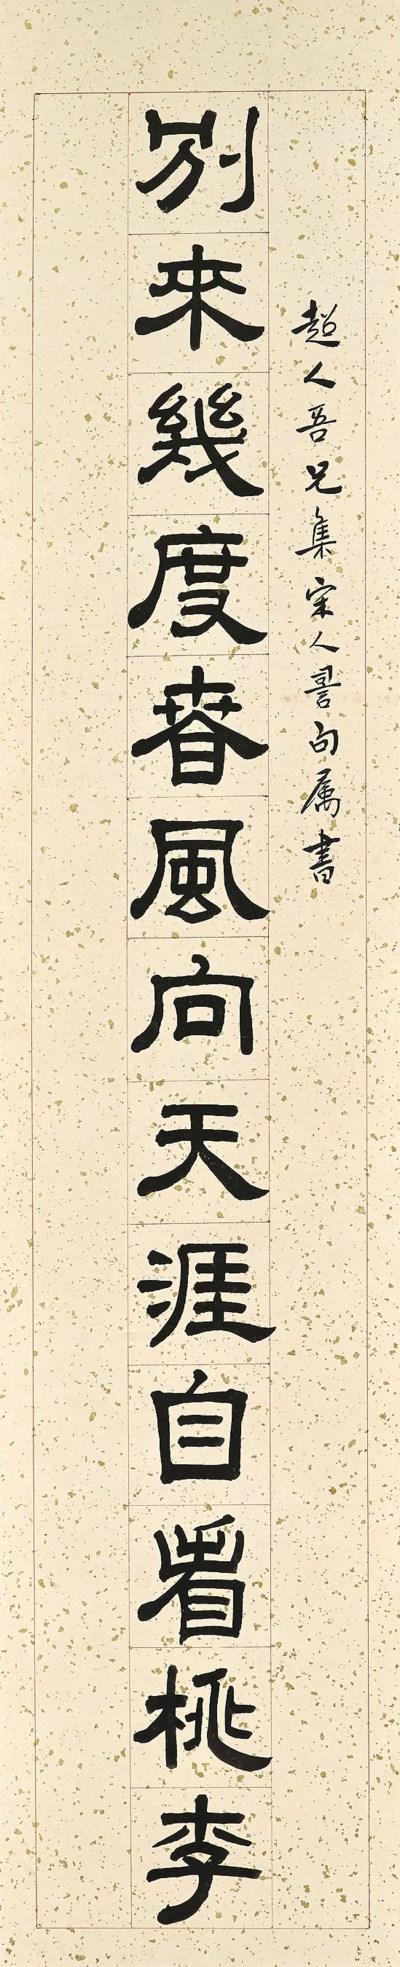 FENG KANGHOU (1901-1983)